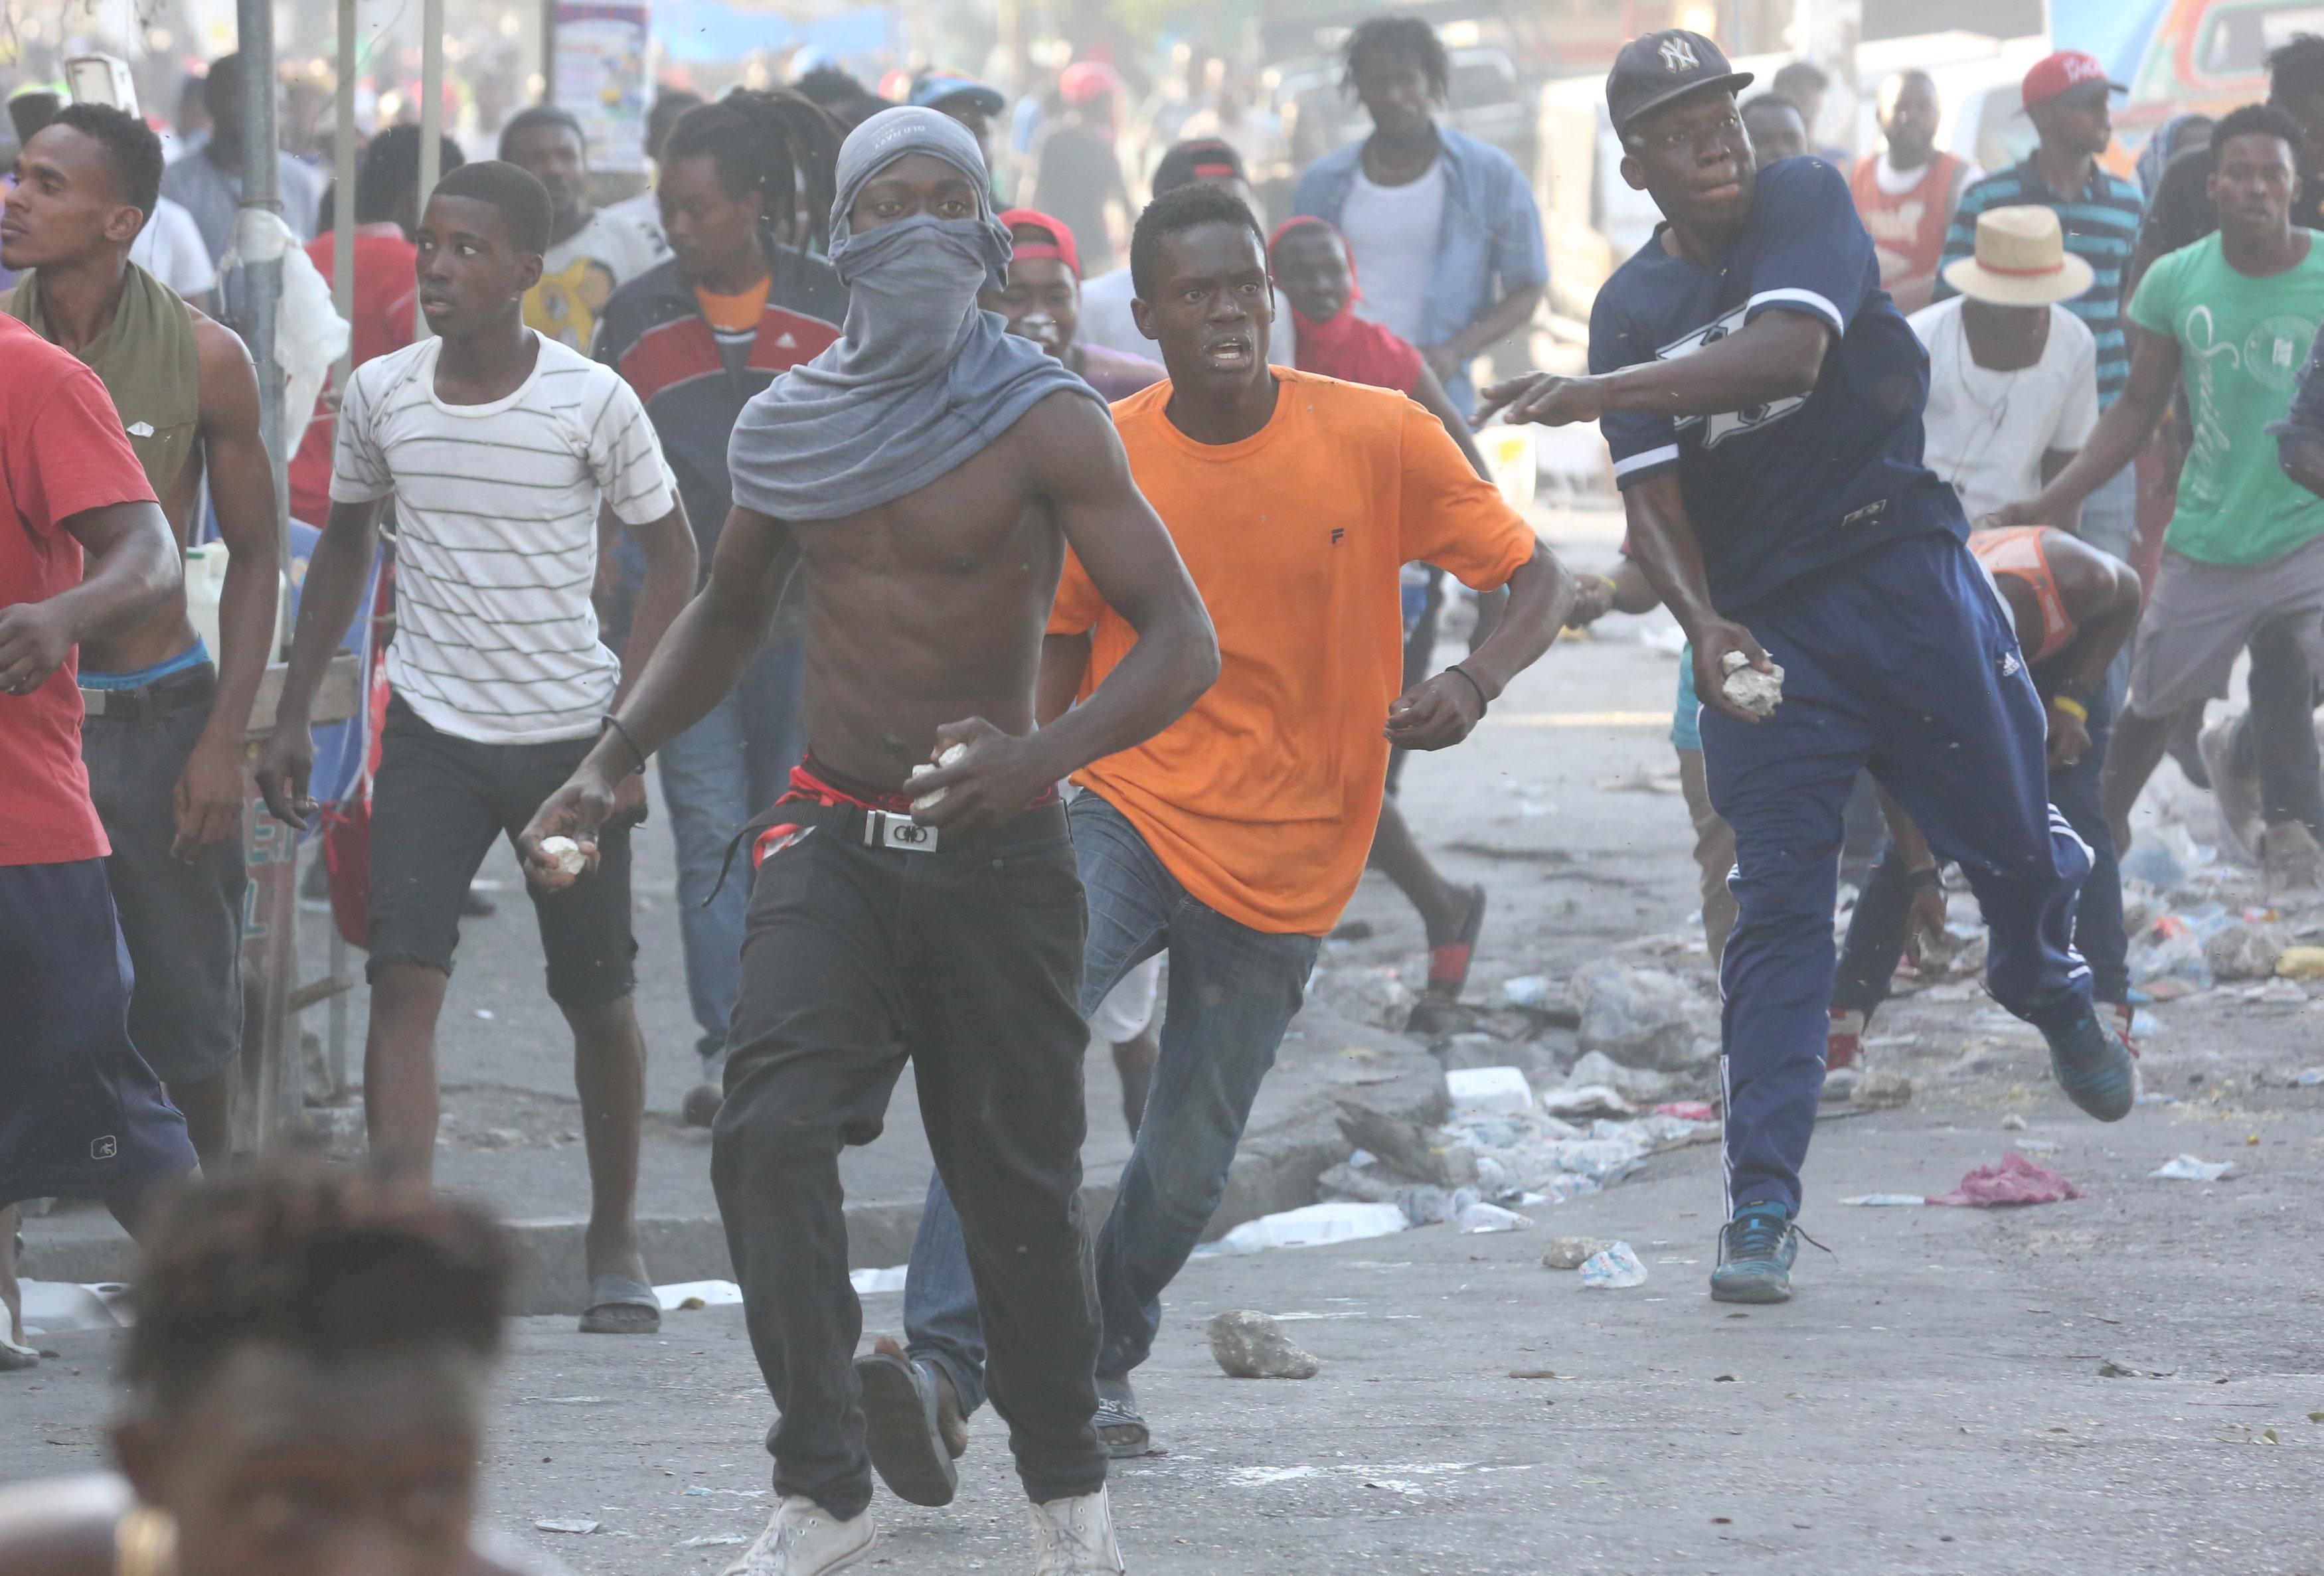 شوارع هايتى تتحول لساحة حرب خلال مظاهرات عنيفة  (8)